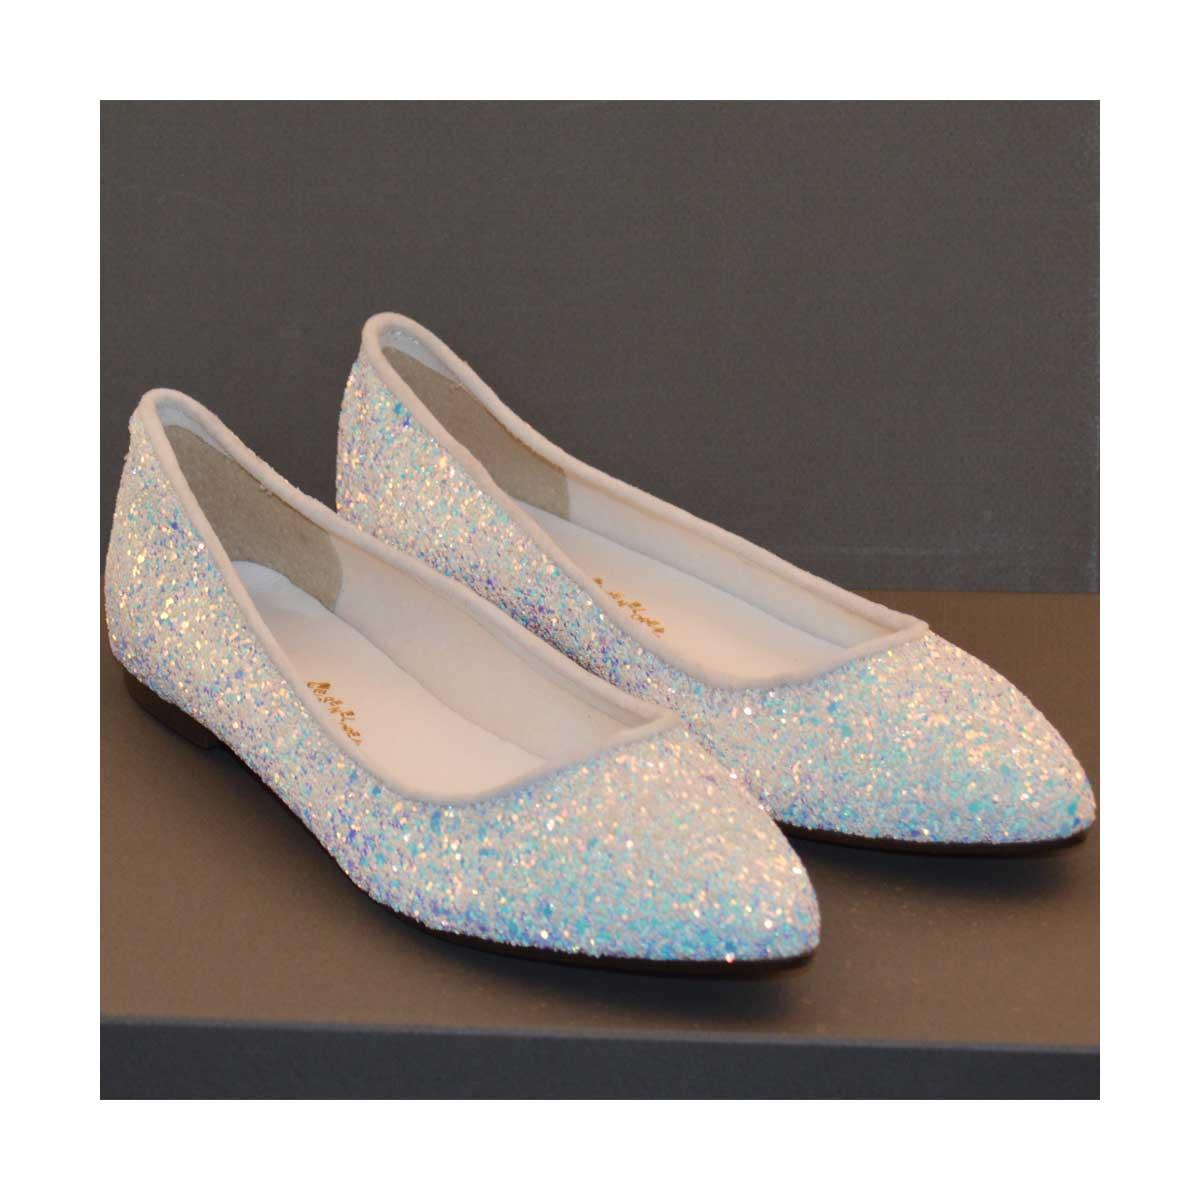 100% qualità super popolare autentico Penelope Ballerine Bianche con glitter